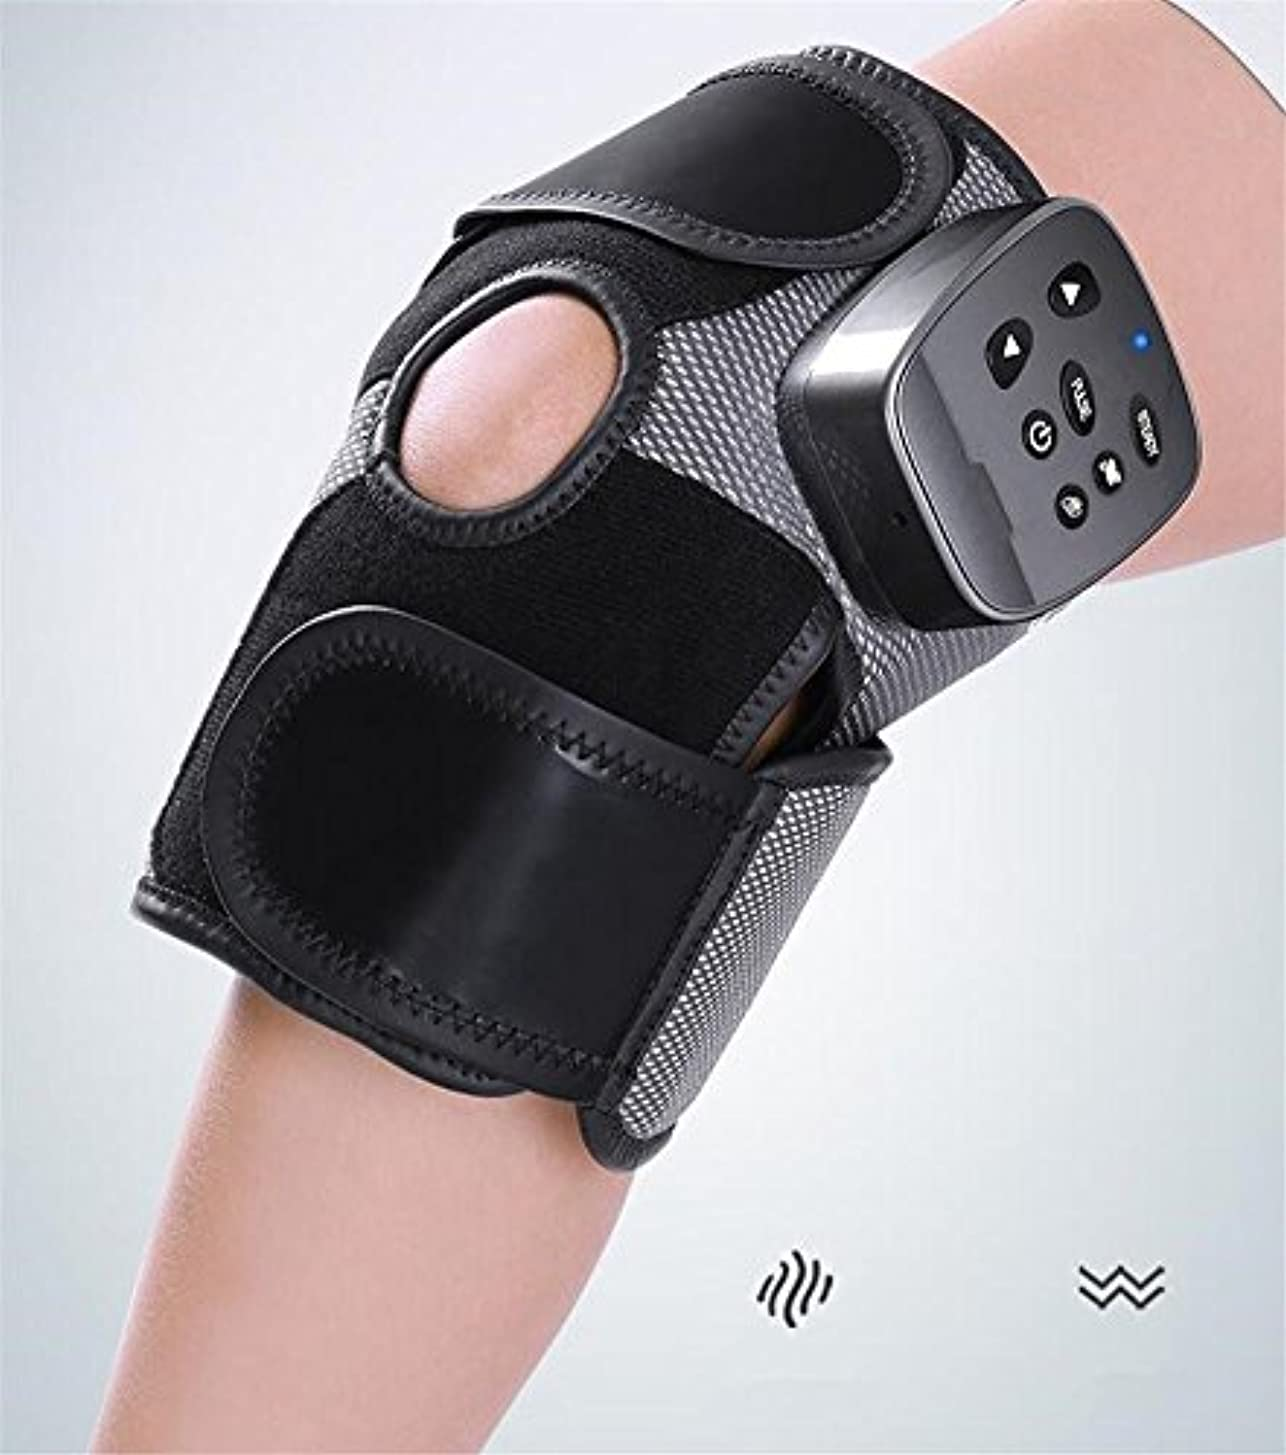 水差したぶん閉じ込めるELEGENCE-Z膝の痛みのためのベストひざ掛けメリディアンジョイントヘルスケア理学療法器感謝祭Xmasハイエンドのギフト